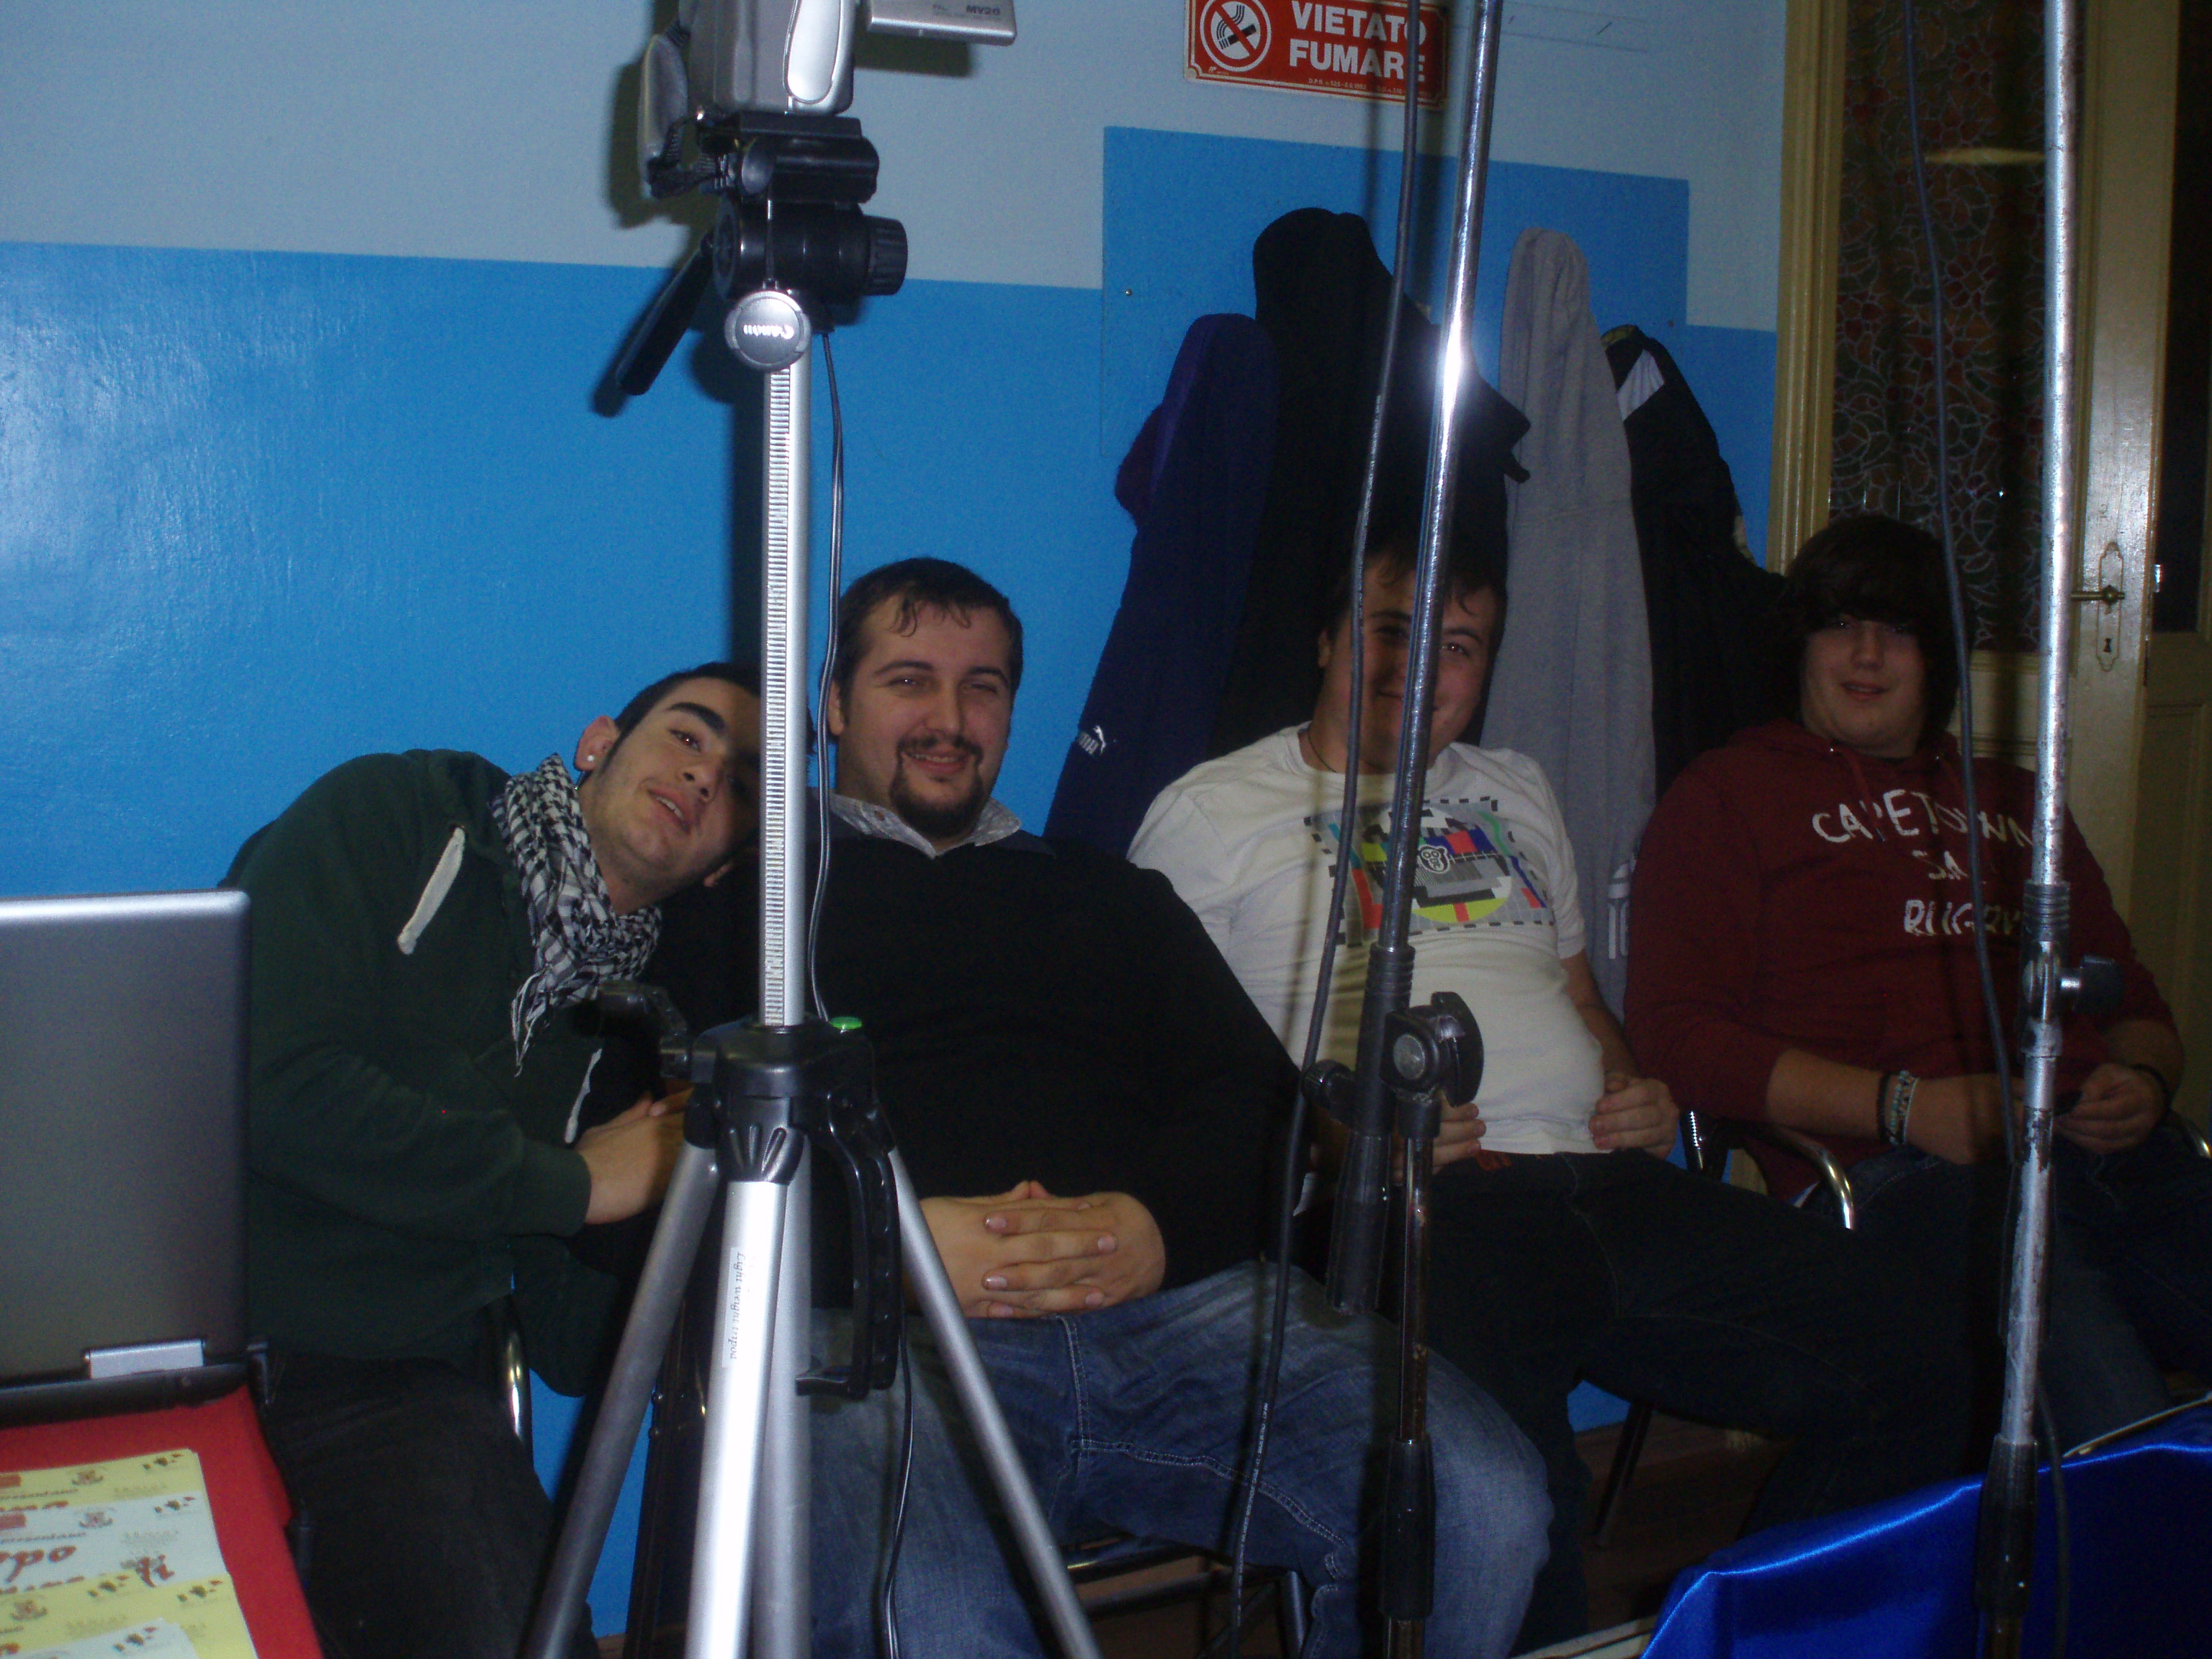 Docente e studenti ITIS Santhià in stage esterno per ripresa audiovisiva